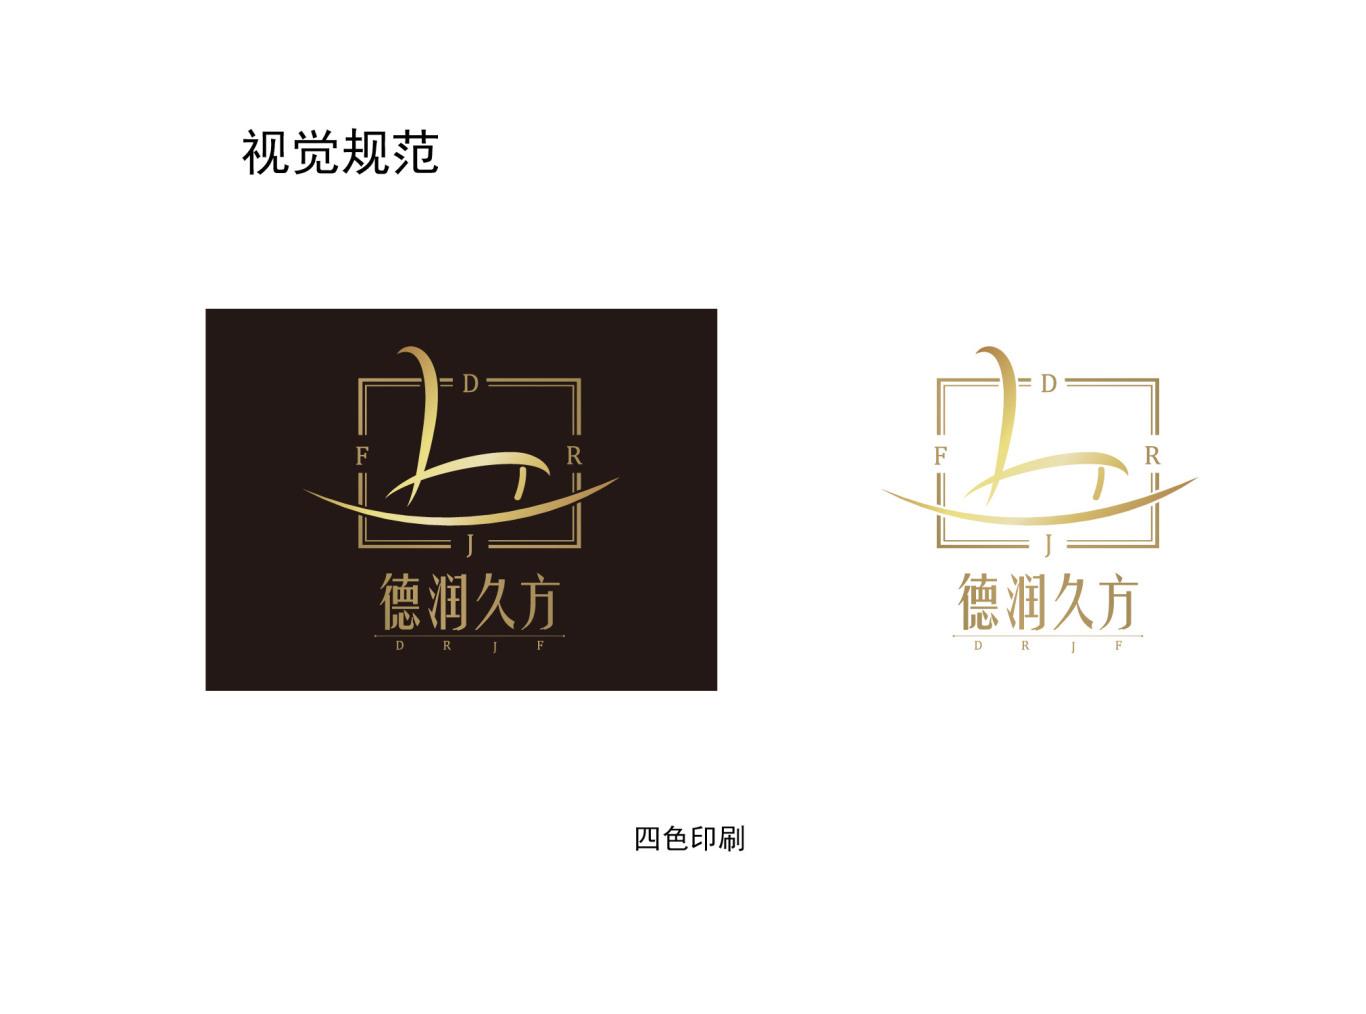 德润久方logo设计图4